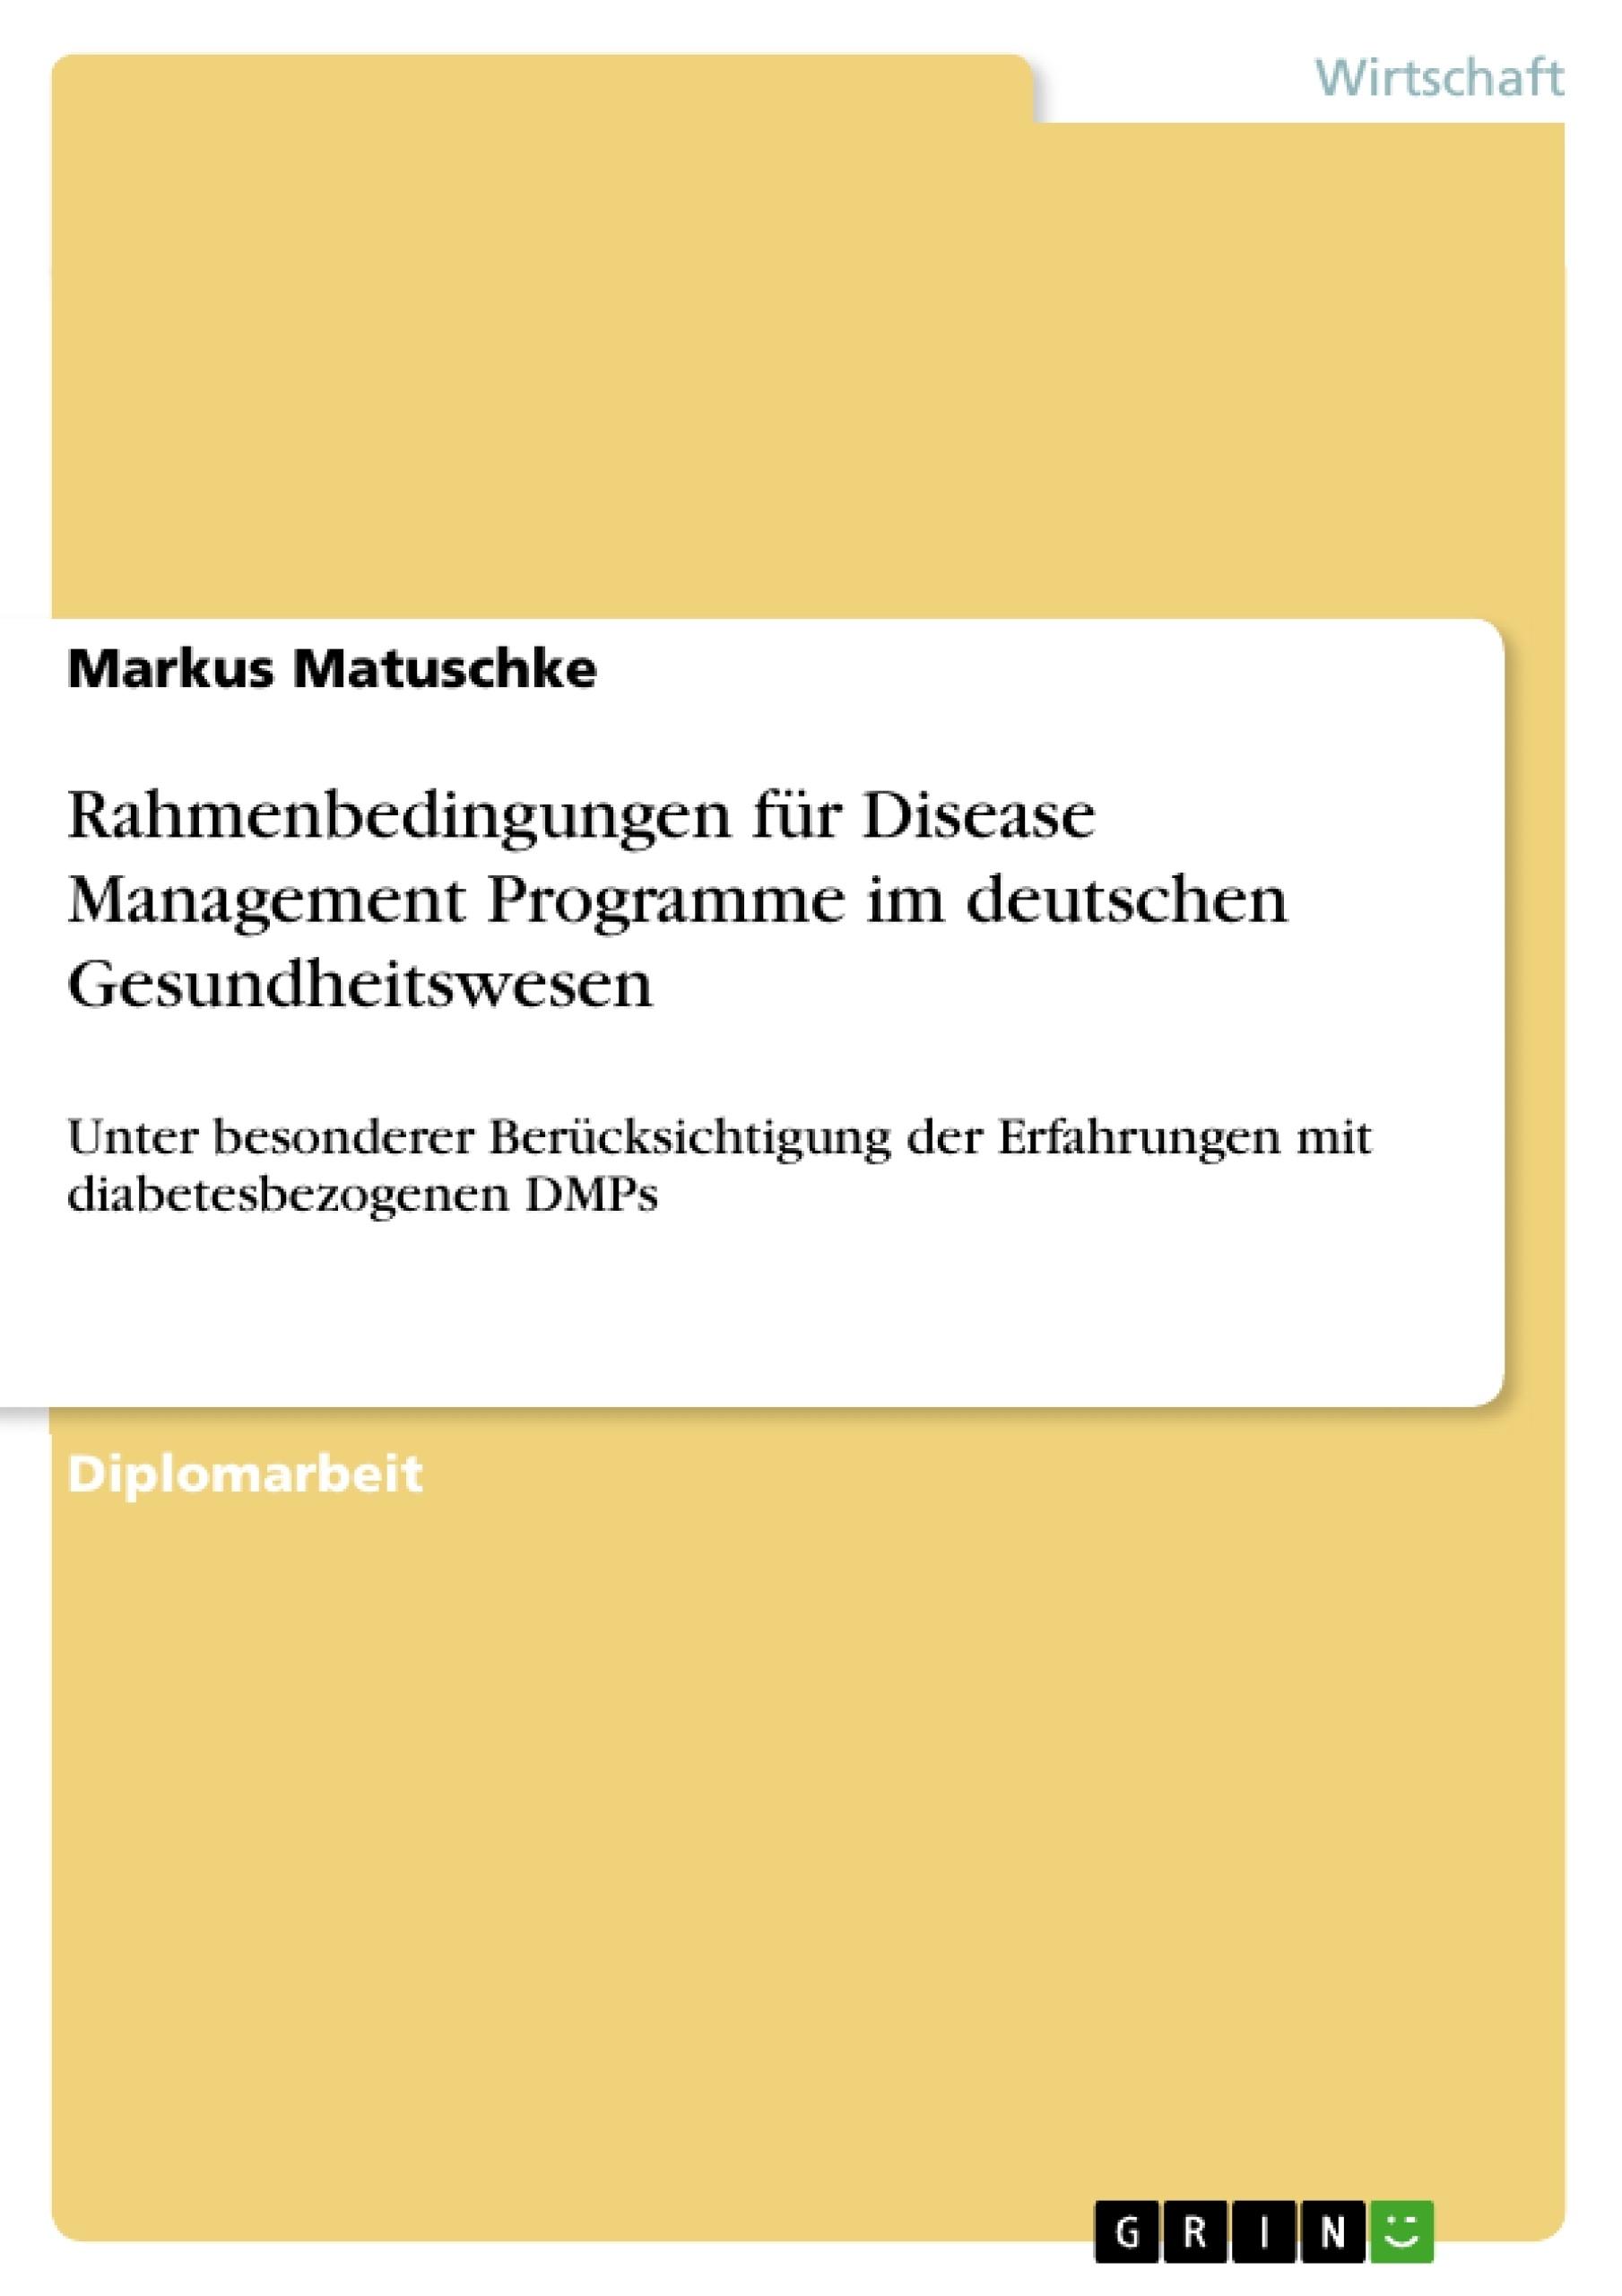 Titel: Rahmenbedingungen für Disease Management Programme im  deutschen Gesundheitswesen